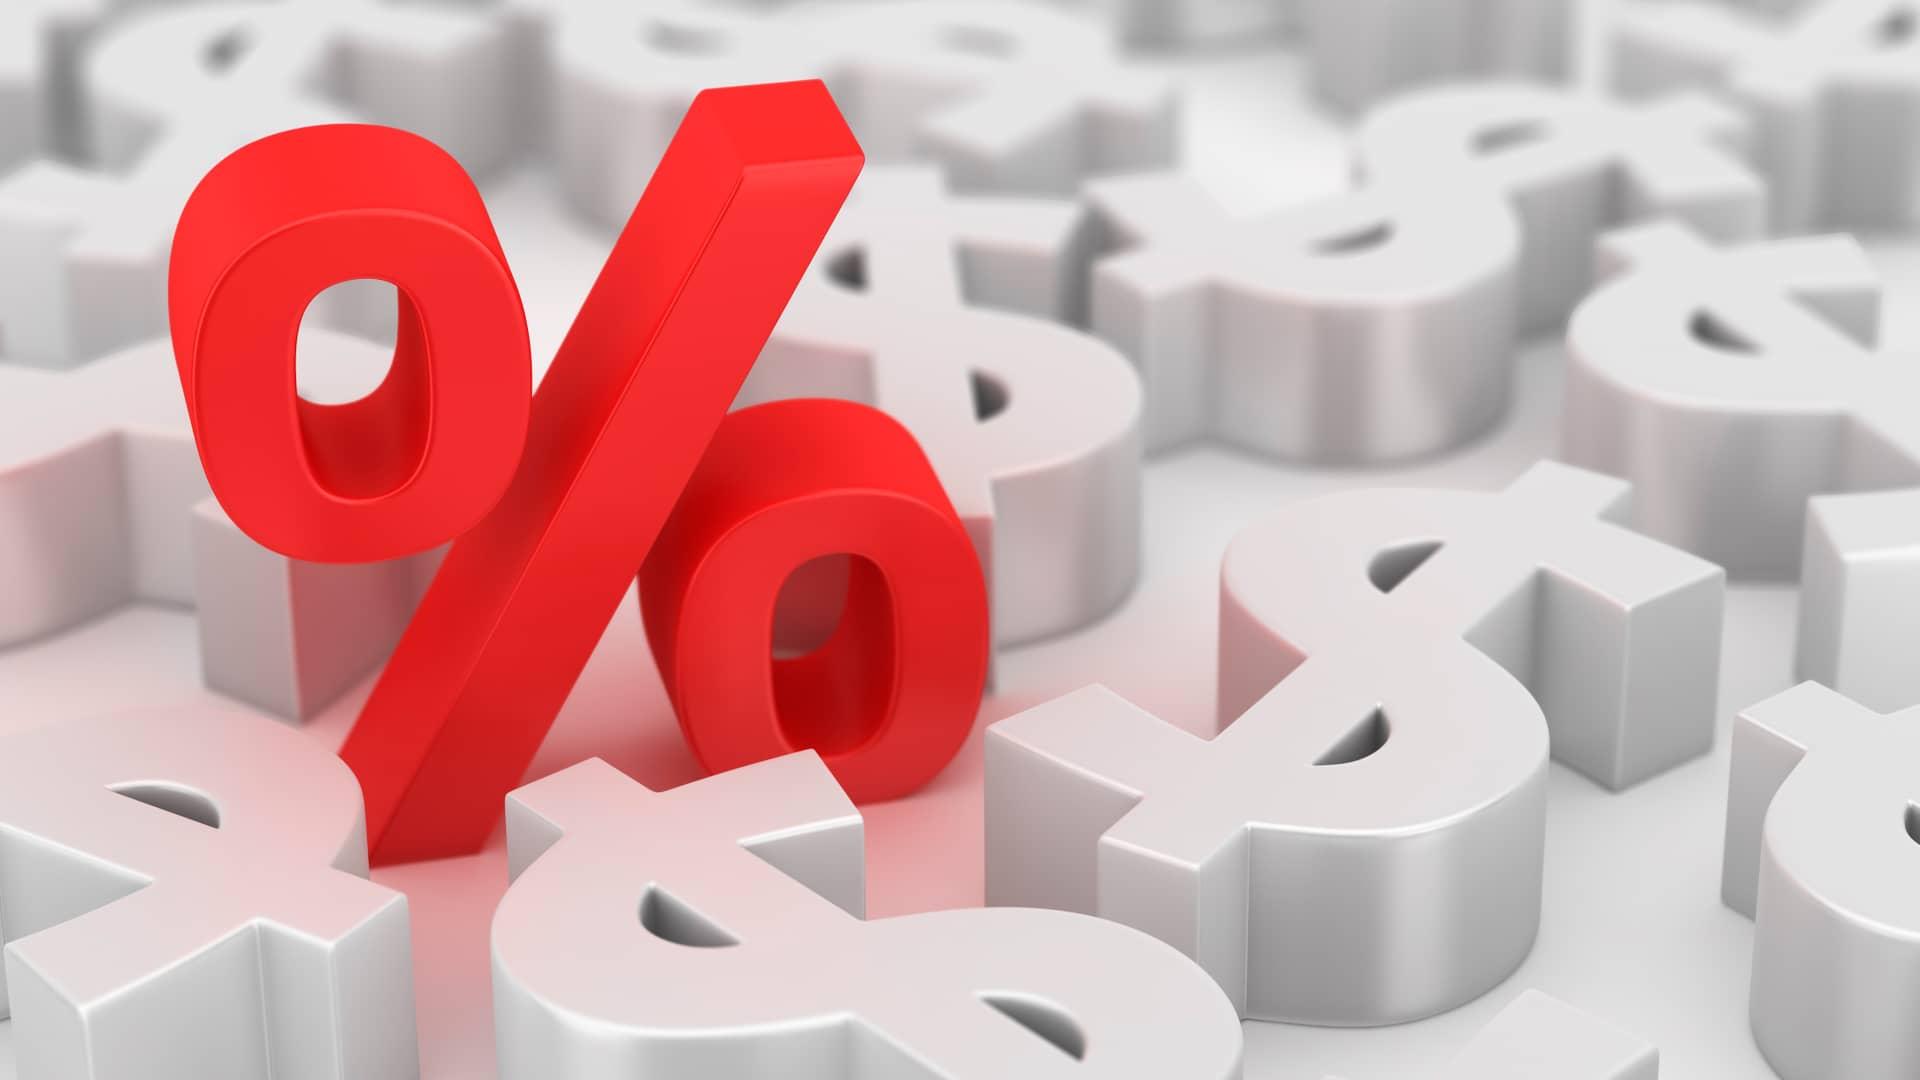 Símbolo porcentaje rojo simboliza las ofertas de virgin telco